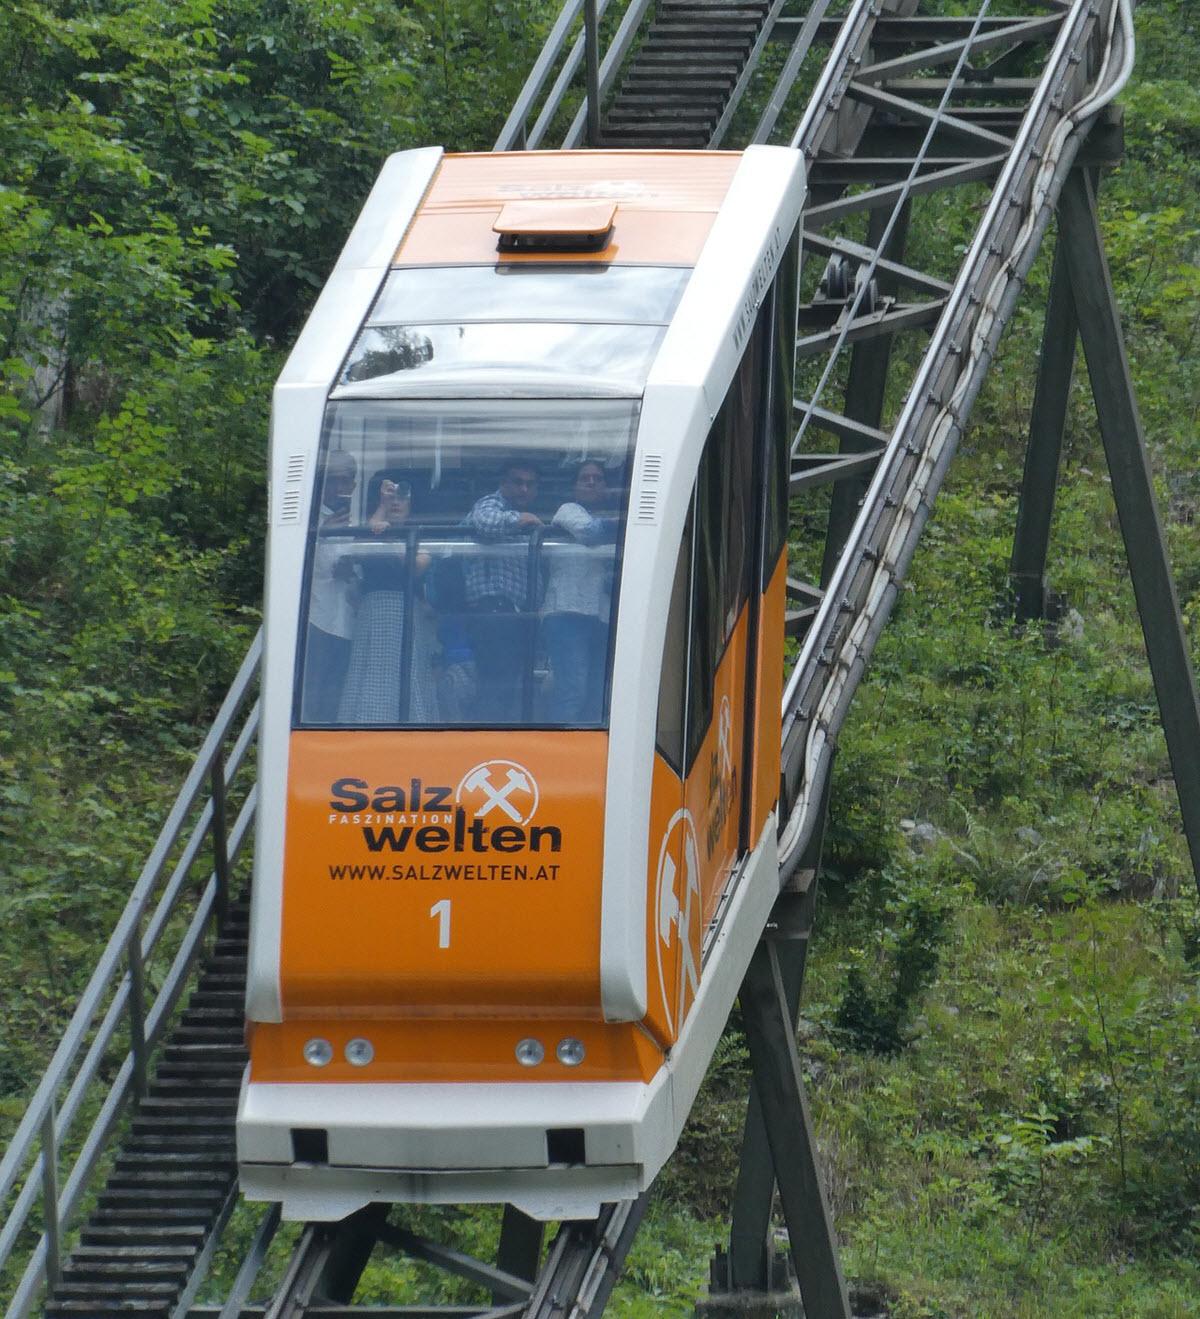 litet tåg för turister